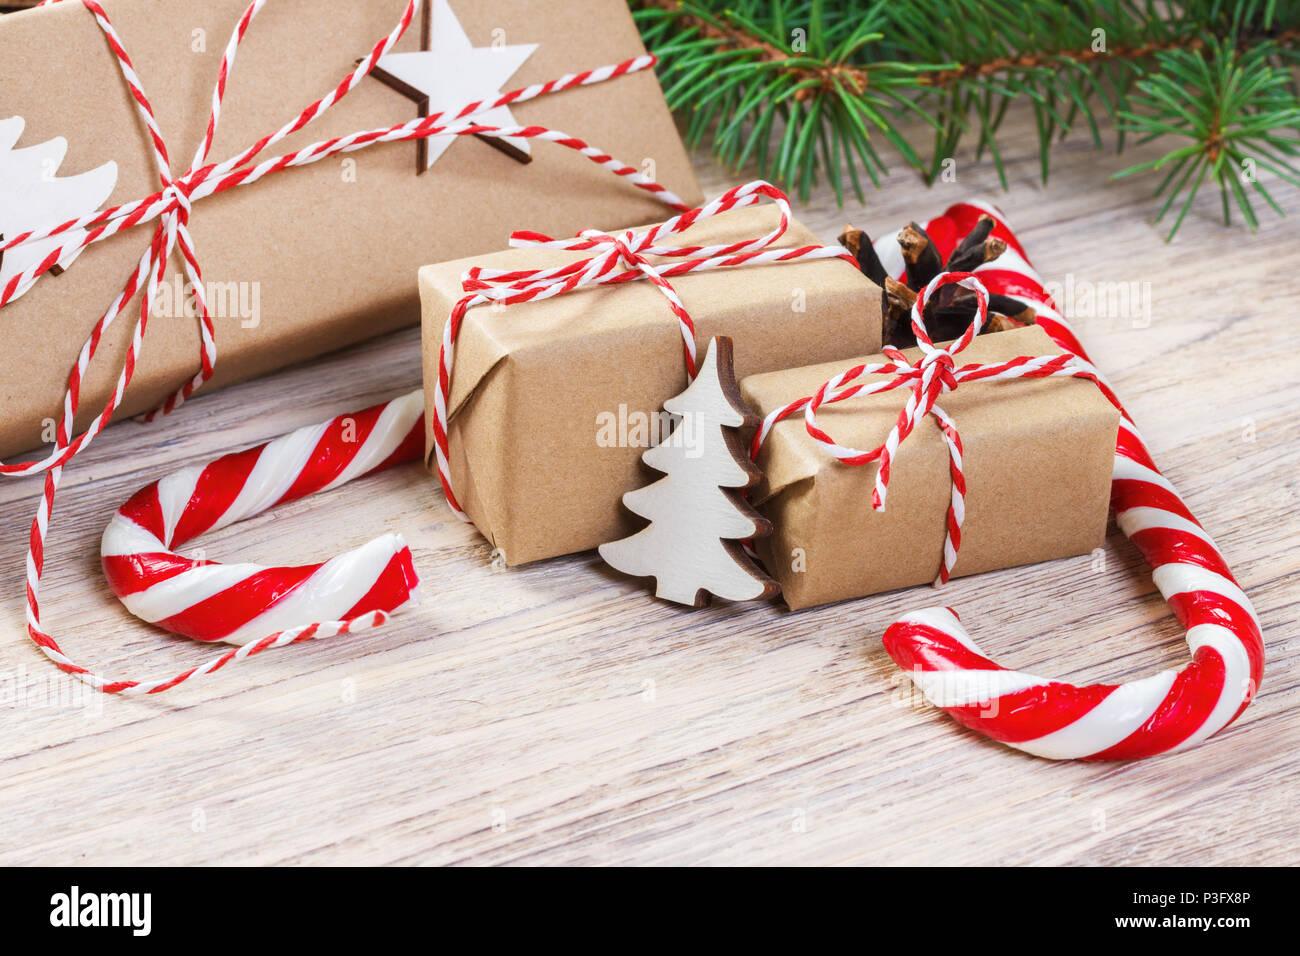 Weihnachten Geschenke mit Tannenbaum und dekorativen Kegel ...